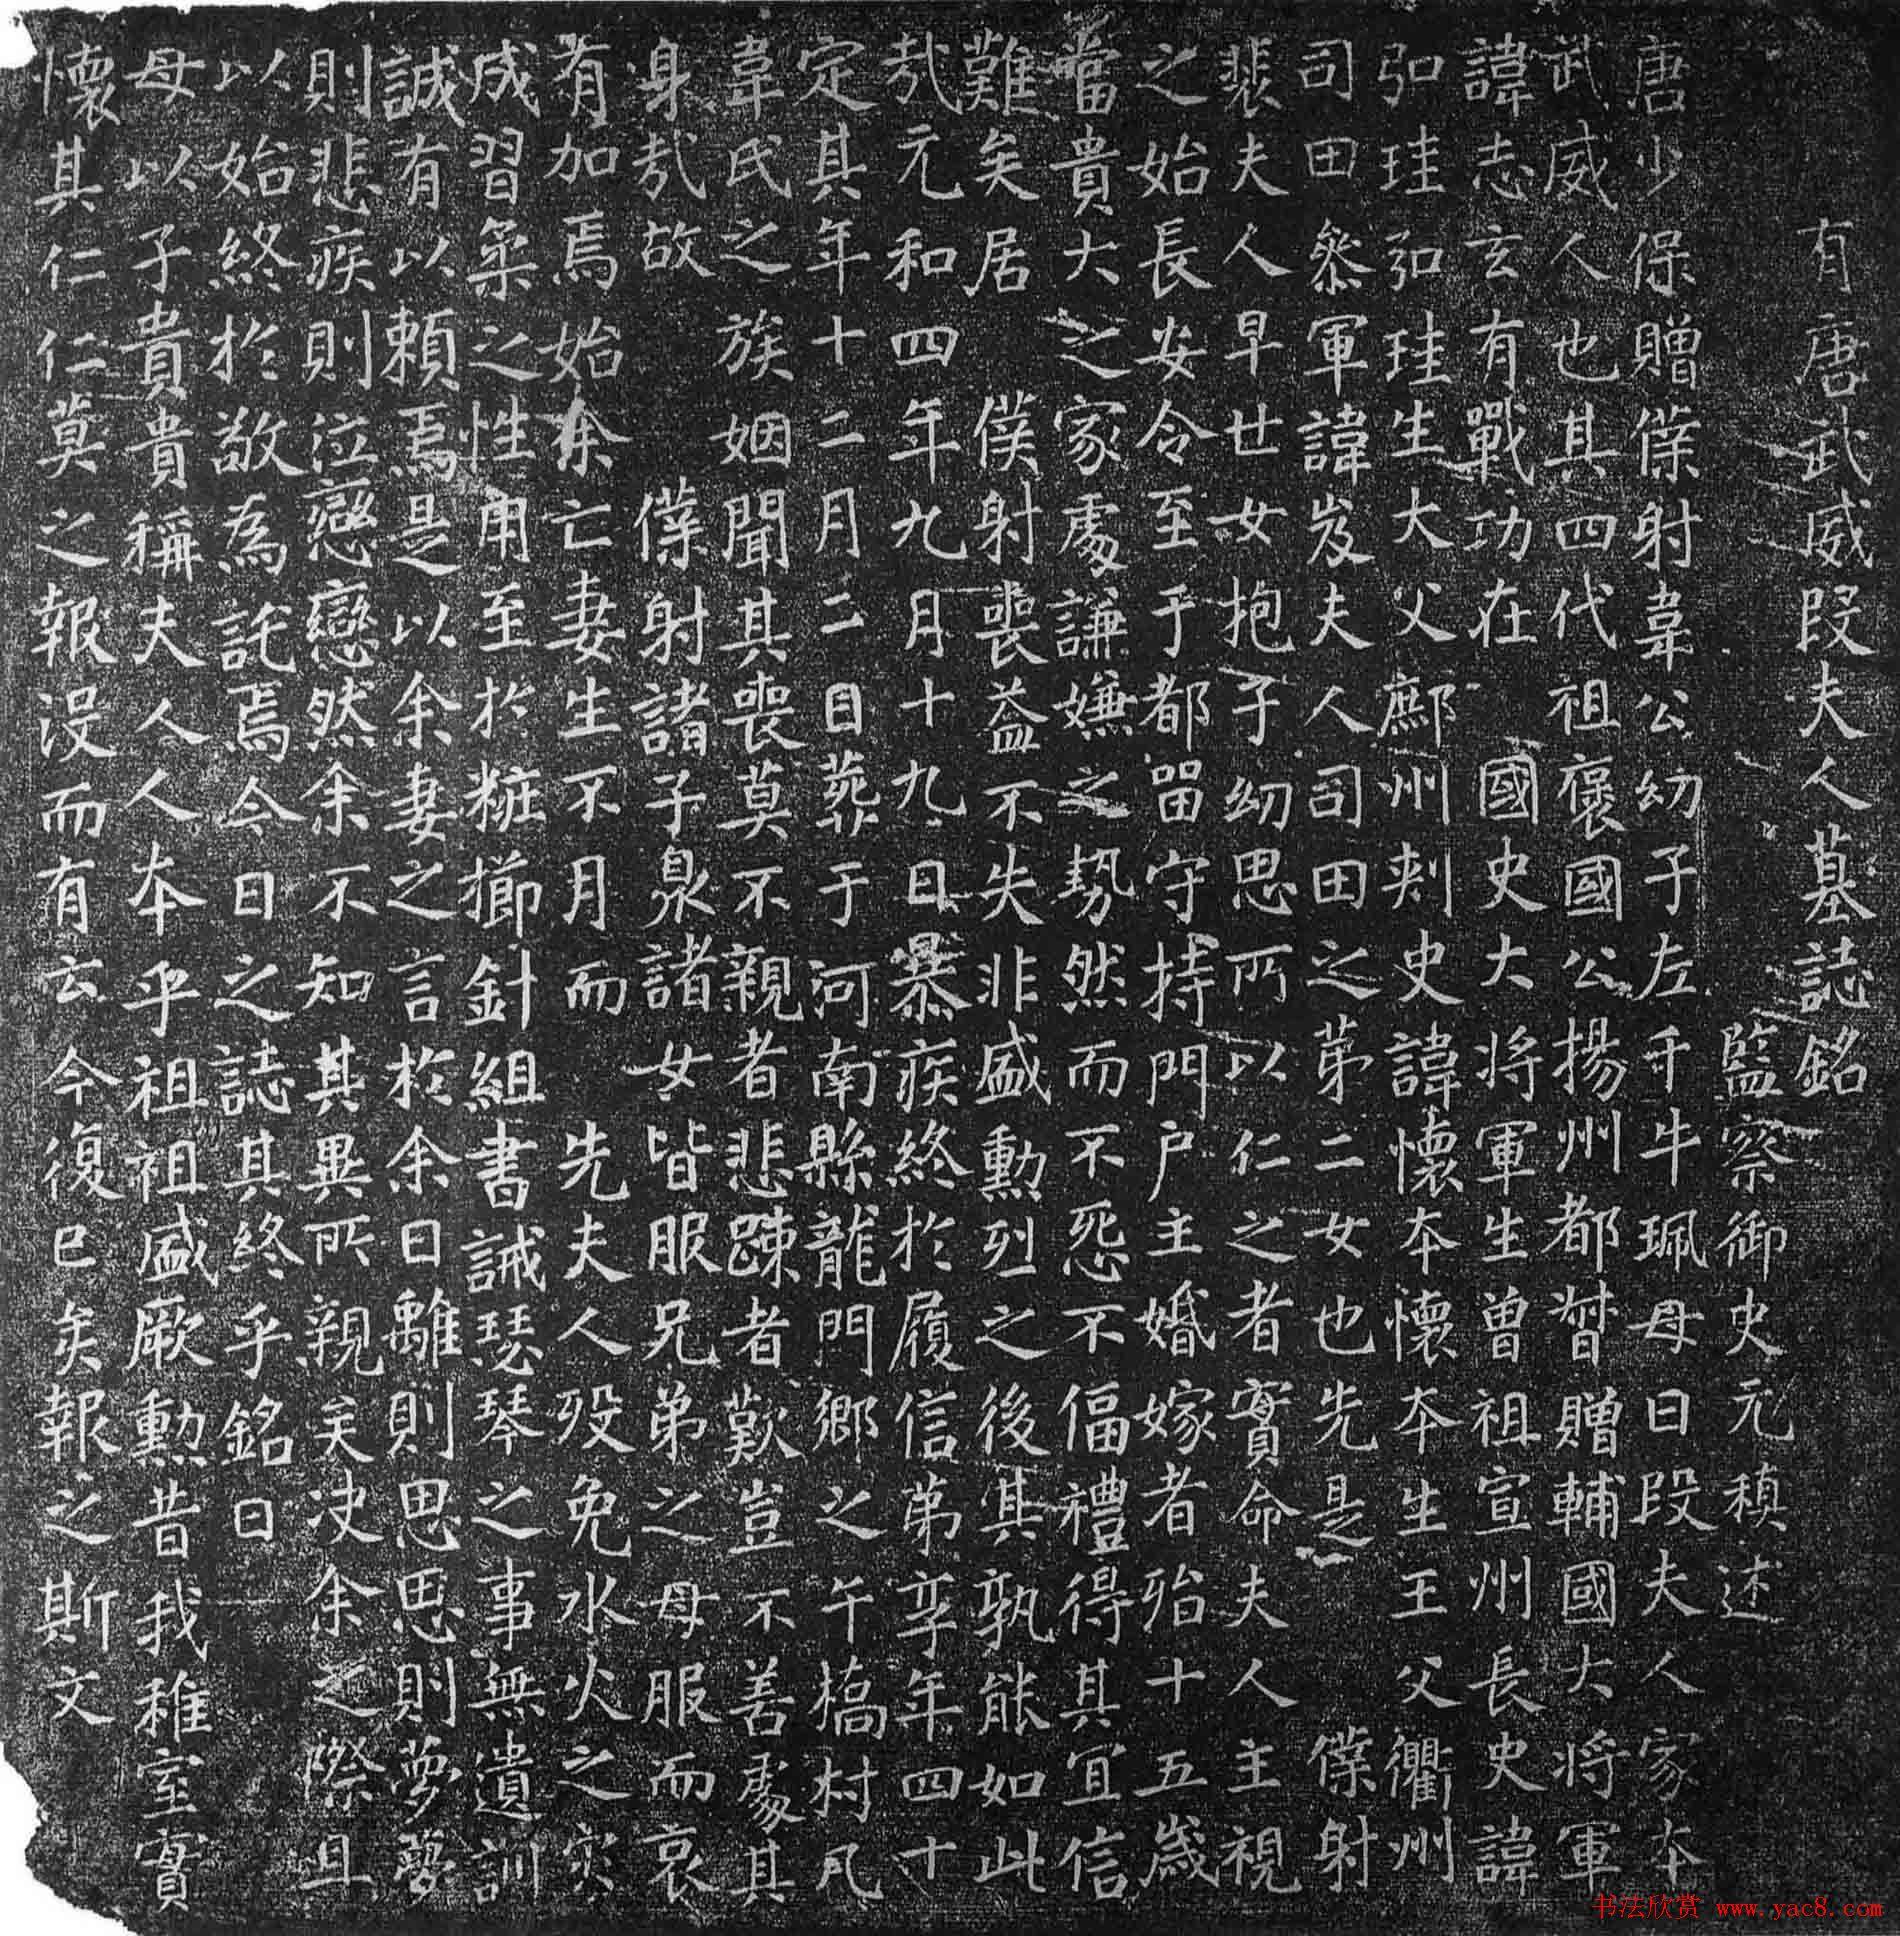 唐武威段夫人墓志铭并附沈鹏题签